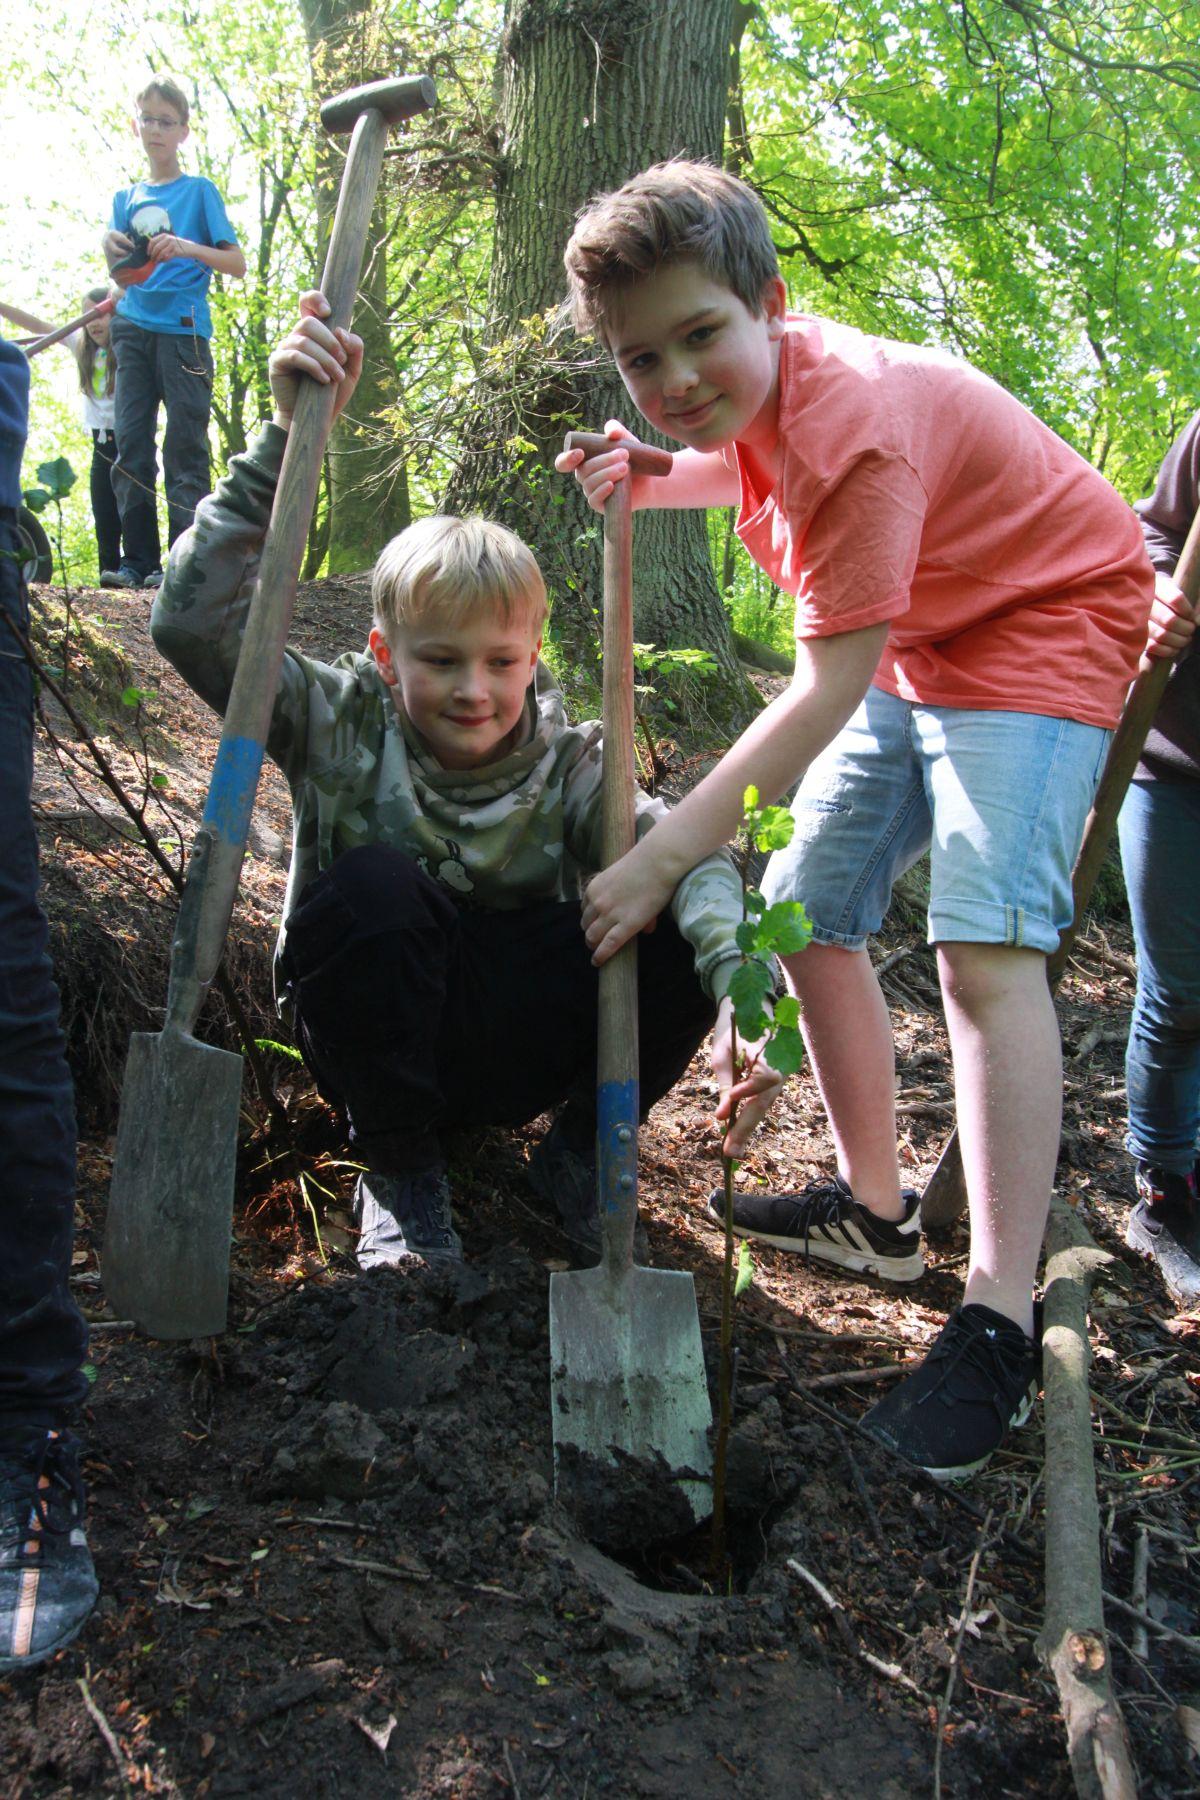 Zum Abschluß haben die Schüler der ASS noch kleine Erlen an die Ufer gepflanzt. Wenn die kleinen Bäumchen größer sind, sollen sie mit ihren Wurzelen die Ufer stabilisieren (Foto: A. Lampe).